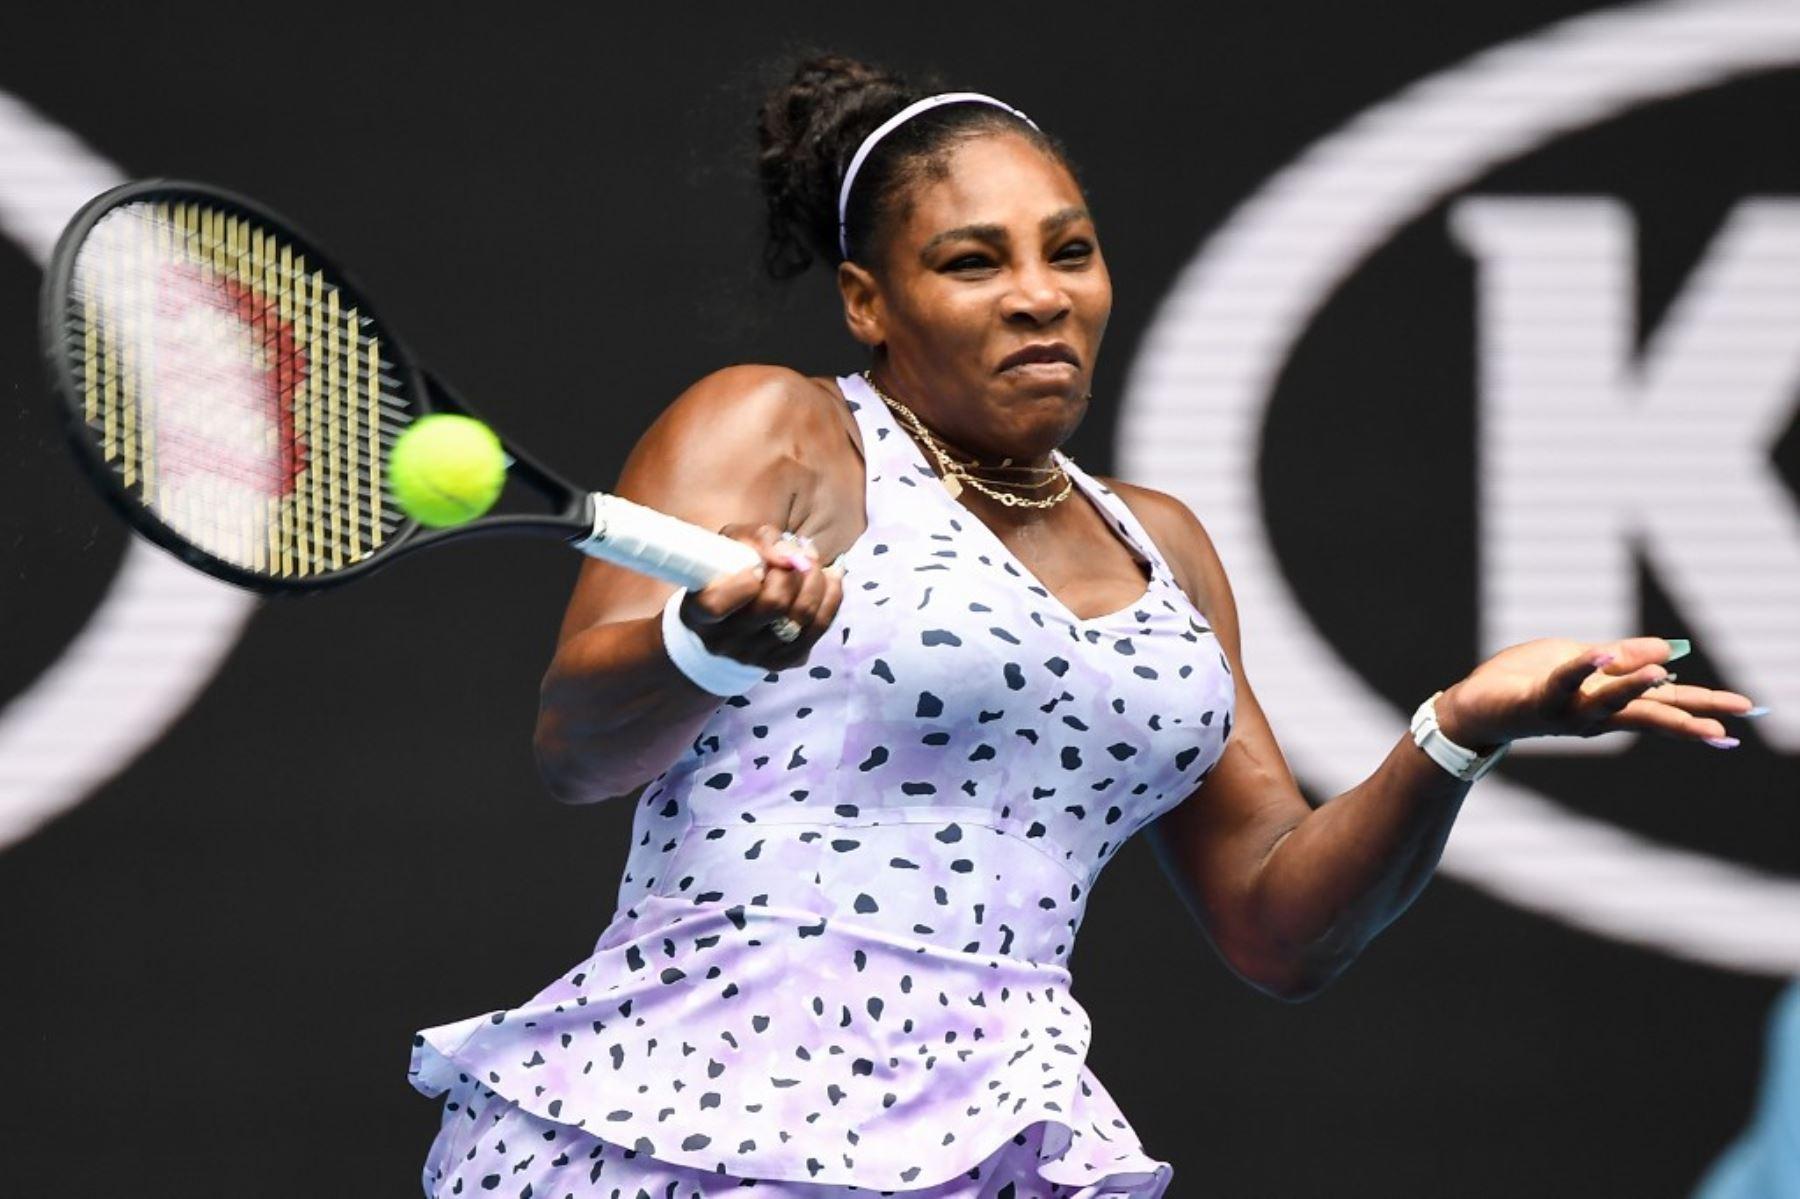 La estrella estadounidense Serena Williams venció con extrema facilidad su partido de estreno el lunes en la actual edición del abierto de tenis de Australia.